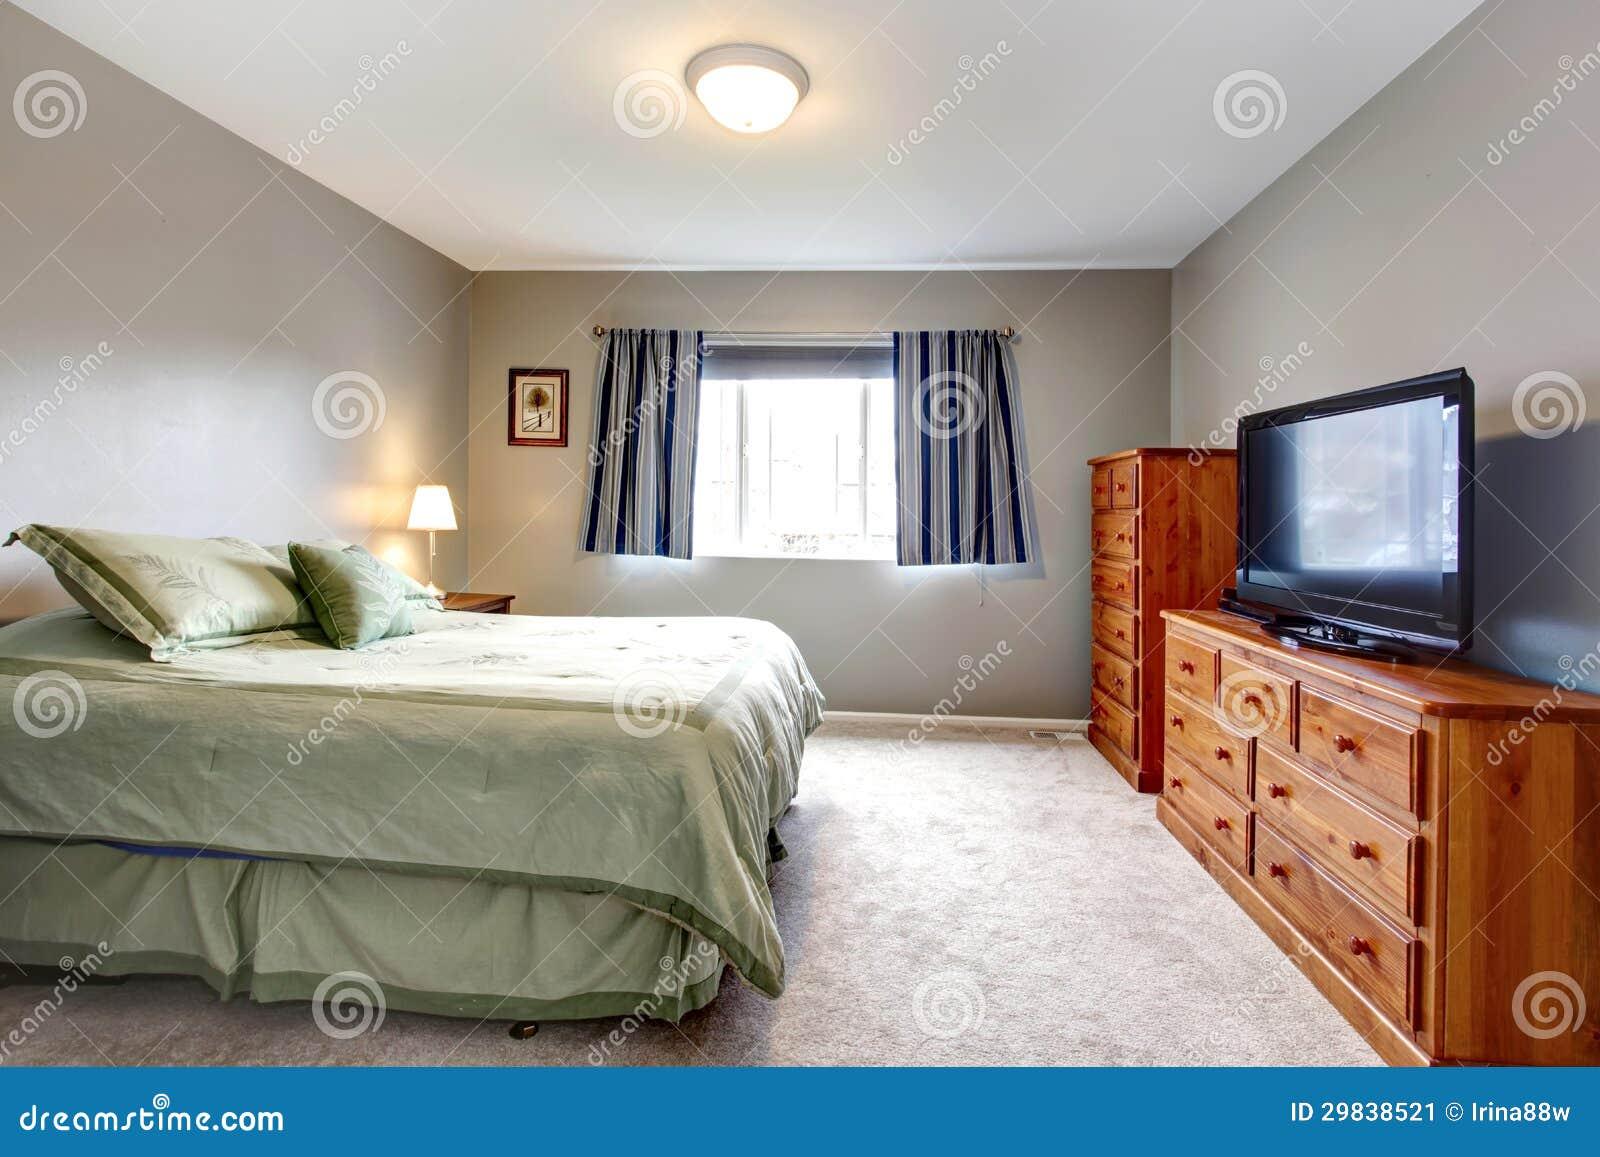 Camera Da Letto Blu Balena : Grande camera da letto grigia con l apprettatrice la tv e le